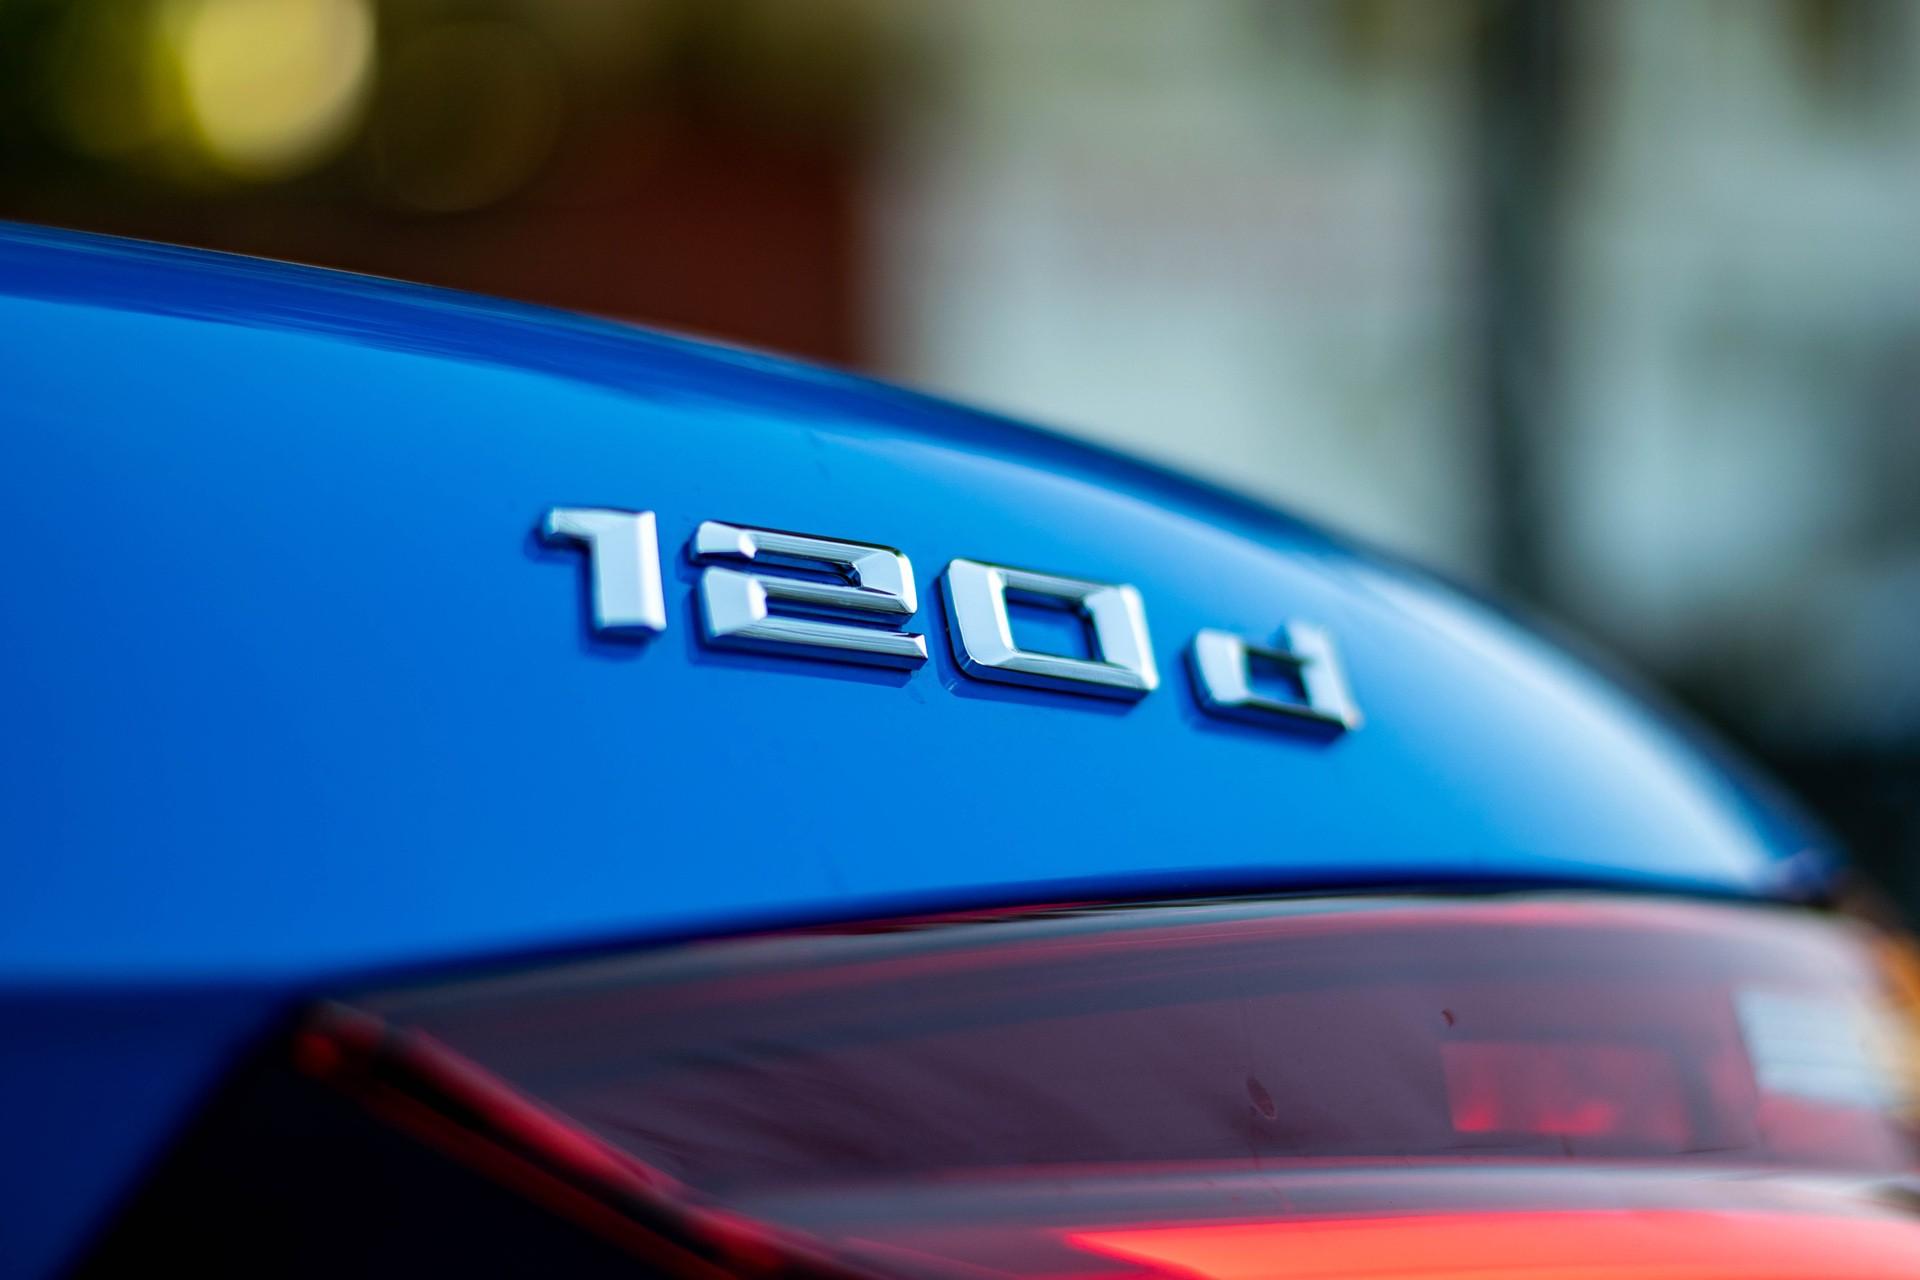 2019 bmw 120d test drive 0056